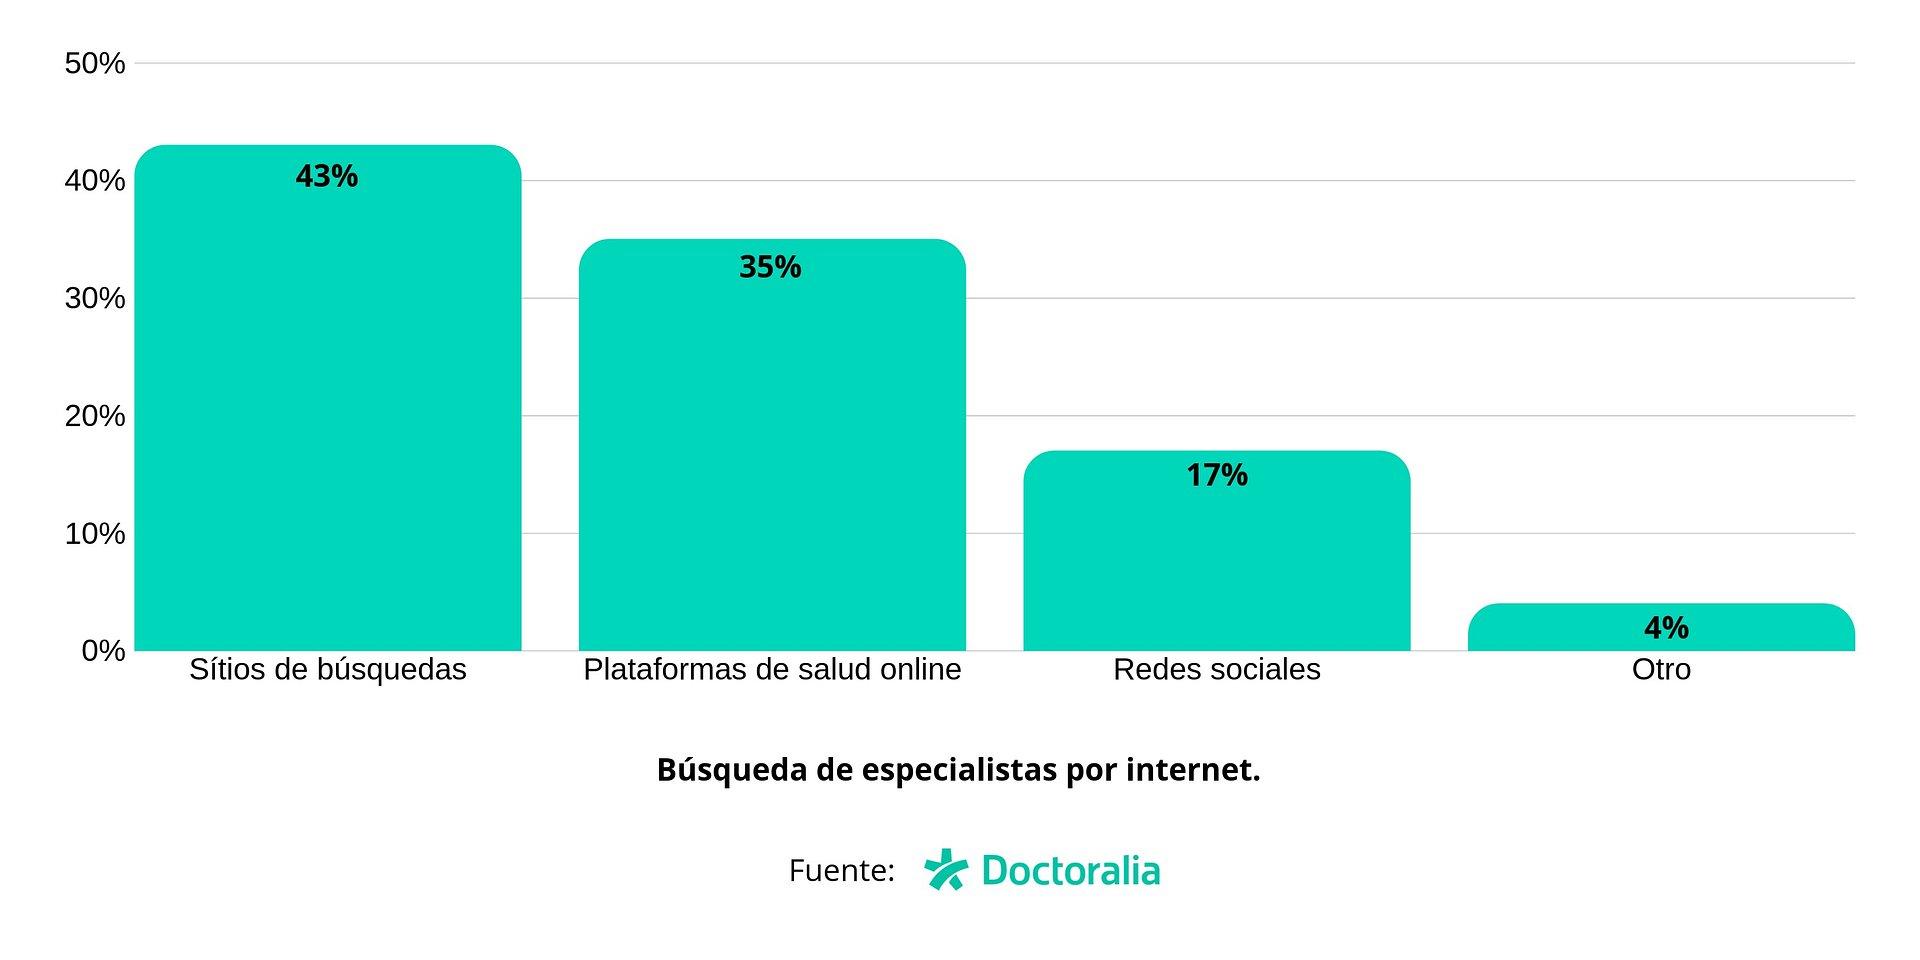 El 71% de profesionales de la salud cree que su rol se ha puesto en duda por el uso del Internet